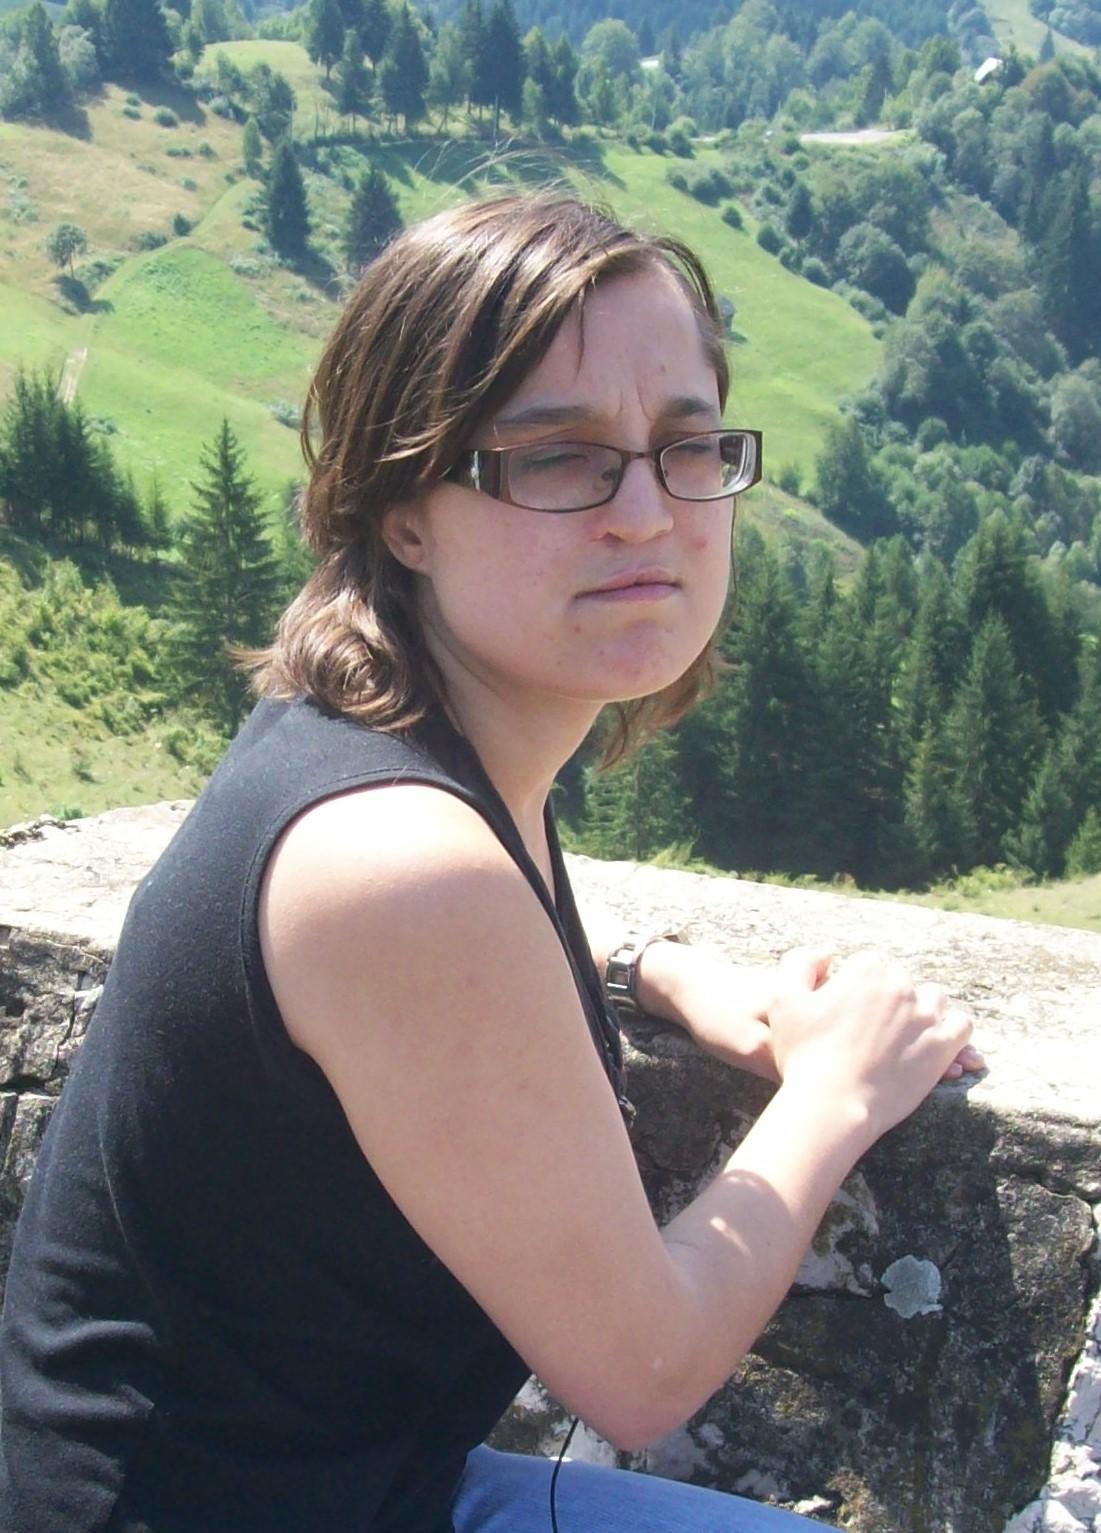 egy nővér társkereső hegyei okos egy bélés a randevúkhoz